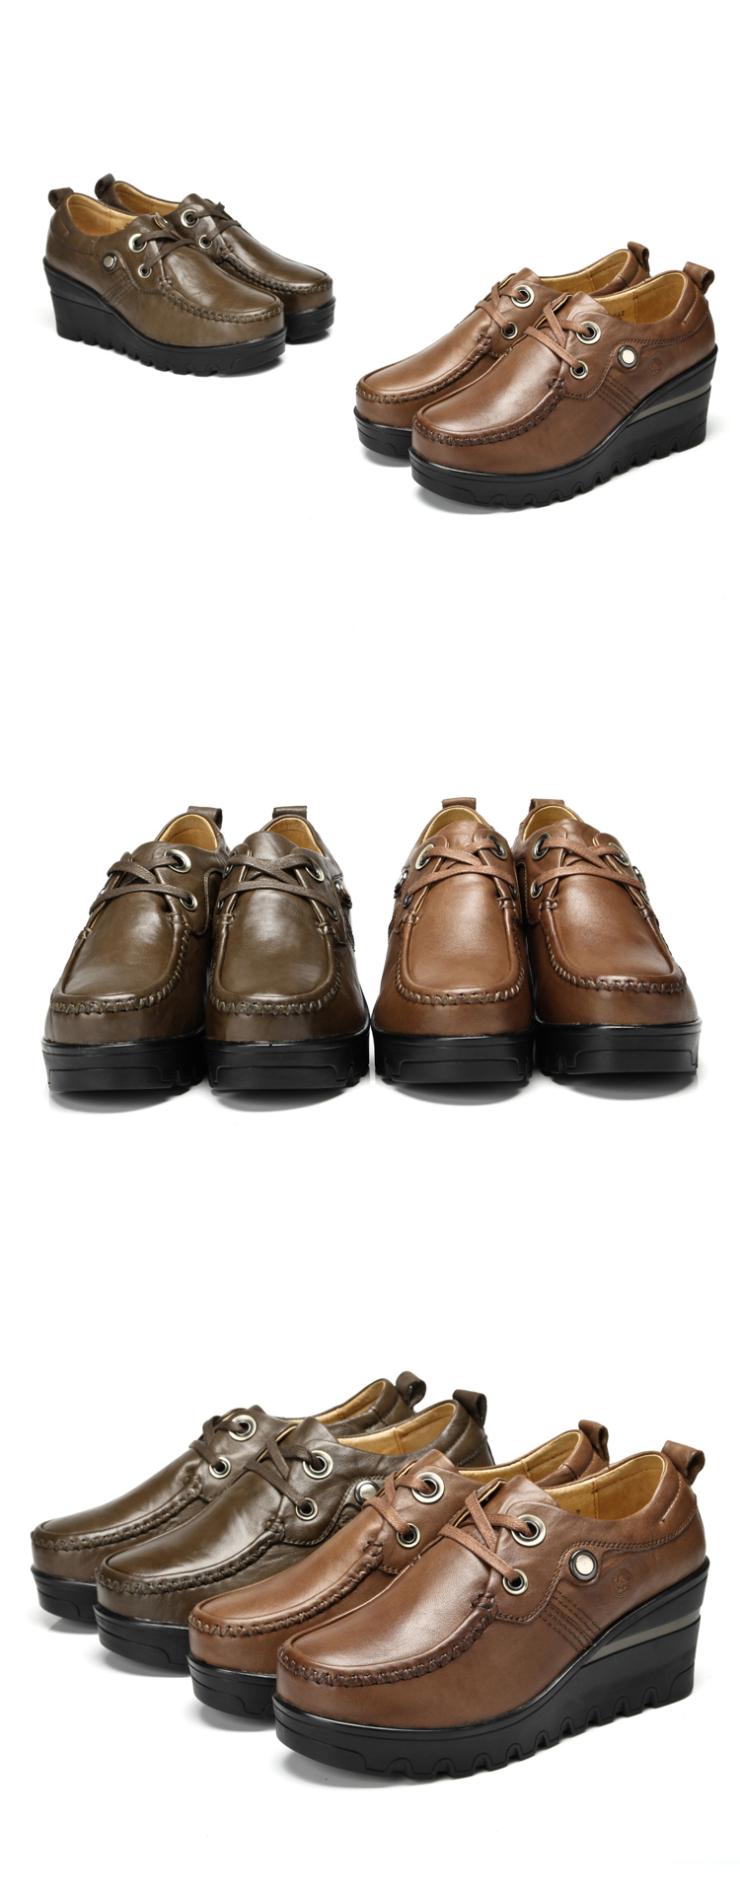 骆驼牌坡跟休闲女鞋松糕鞋厚底增高鞋短靴及踝靴3w